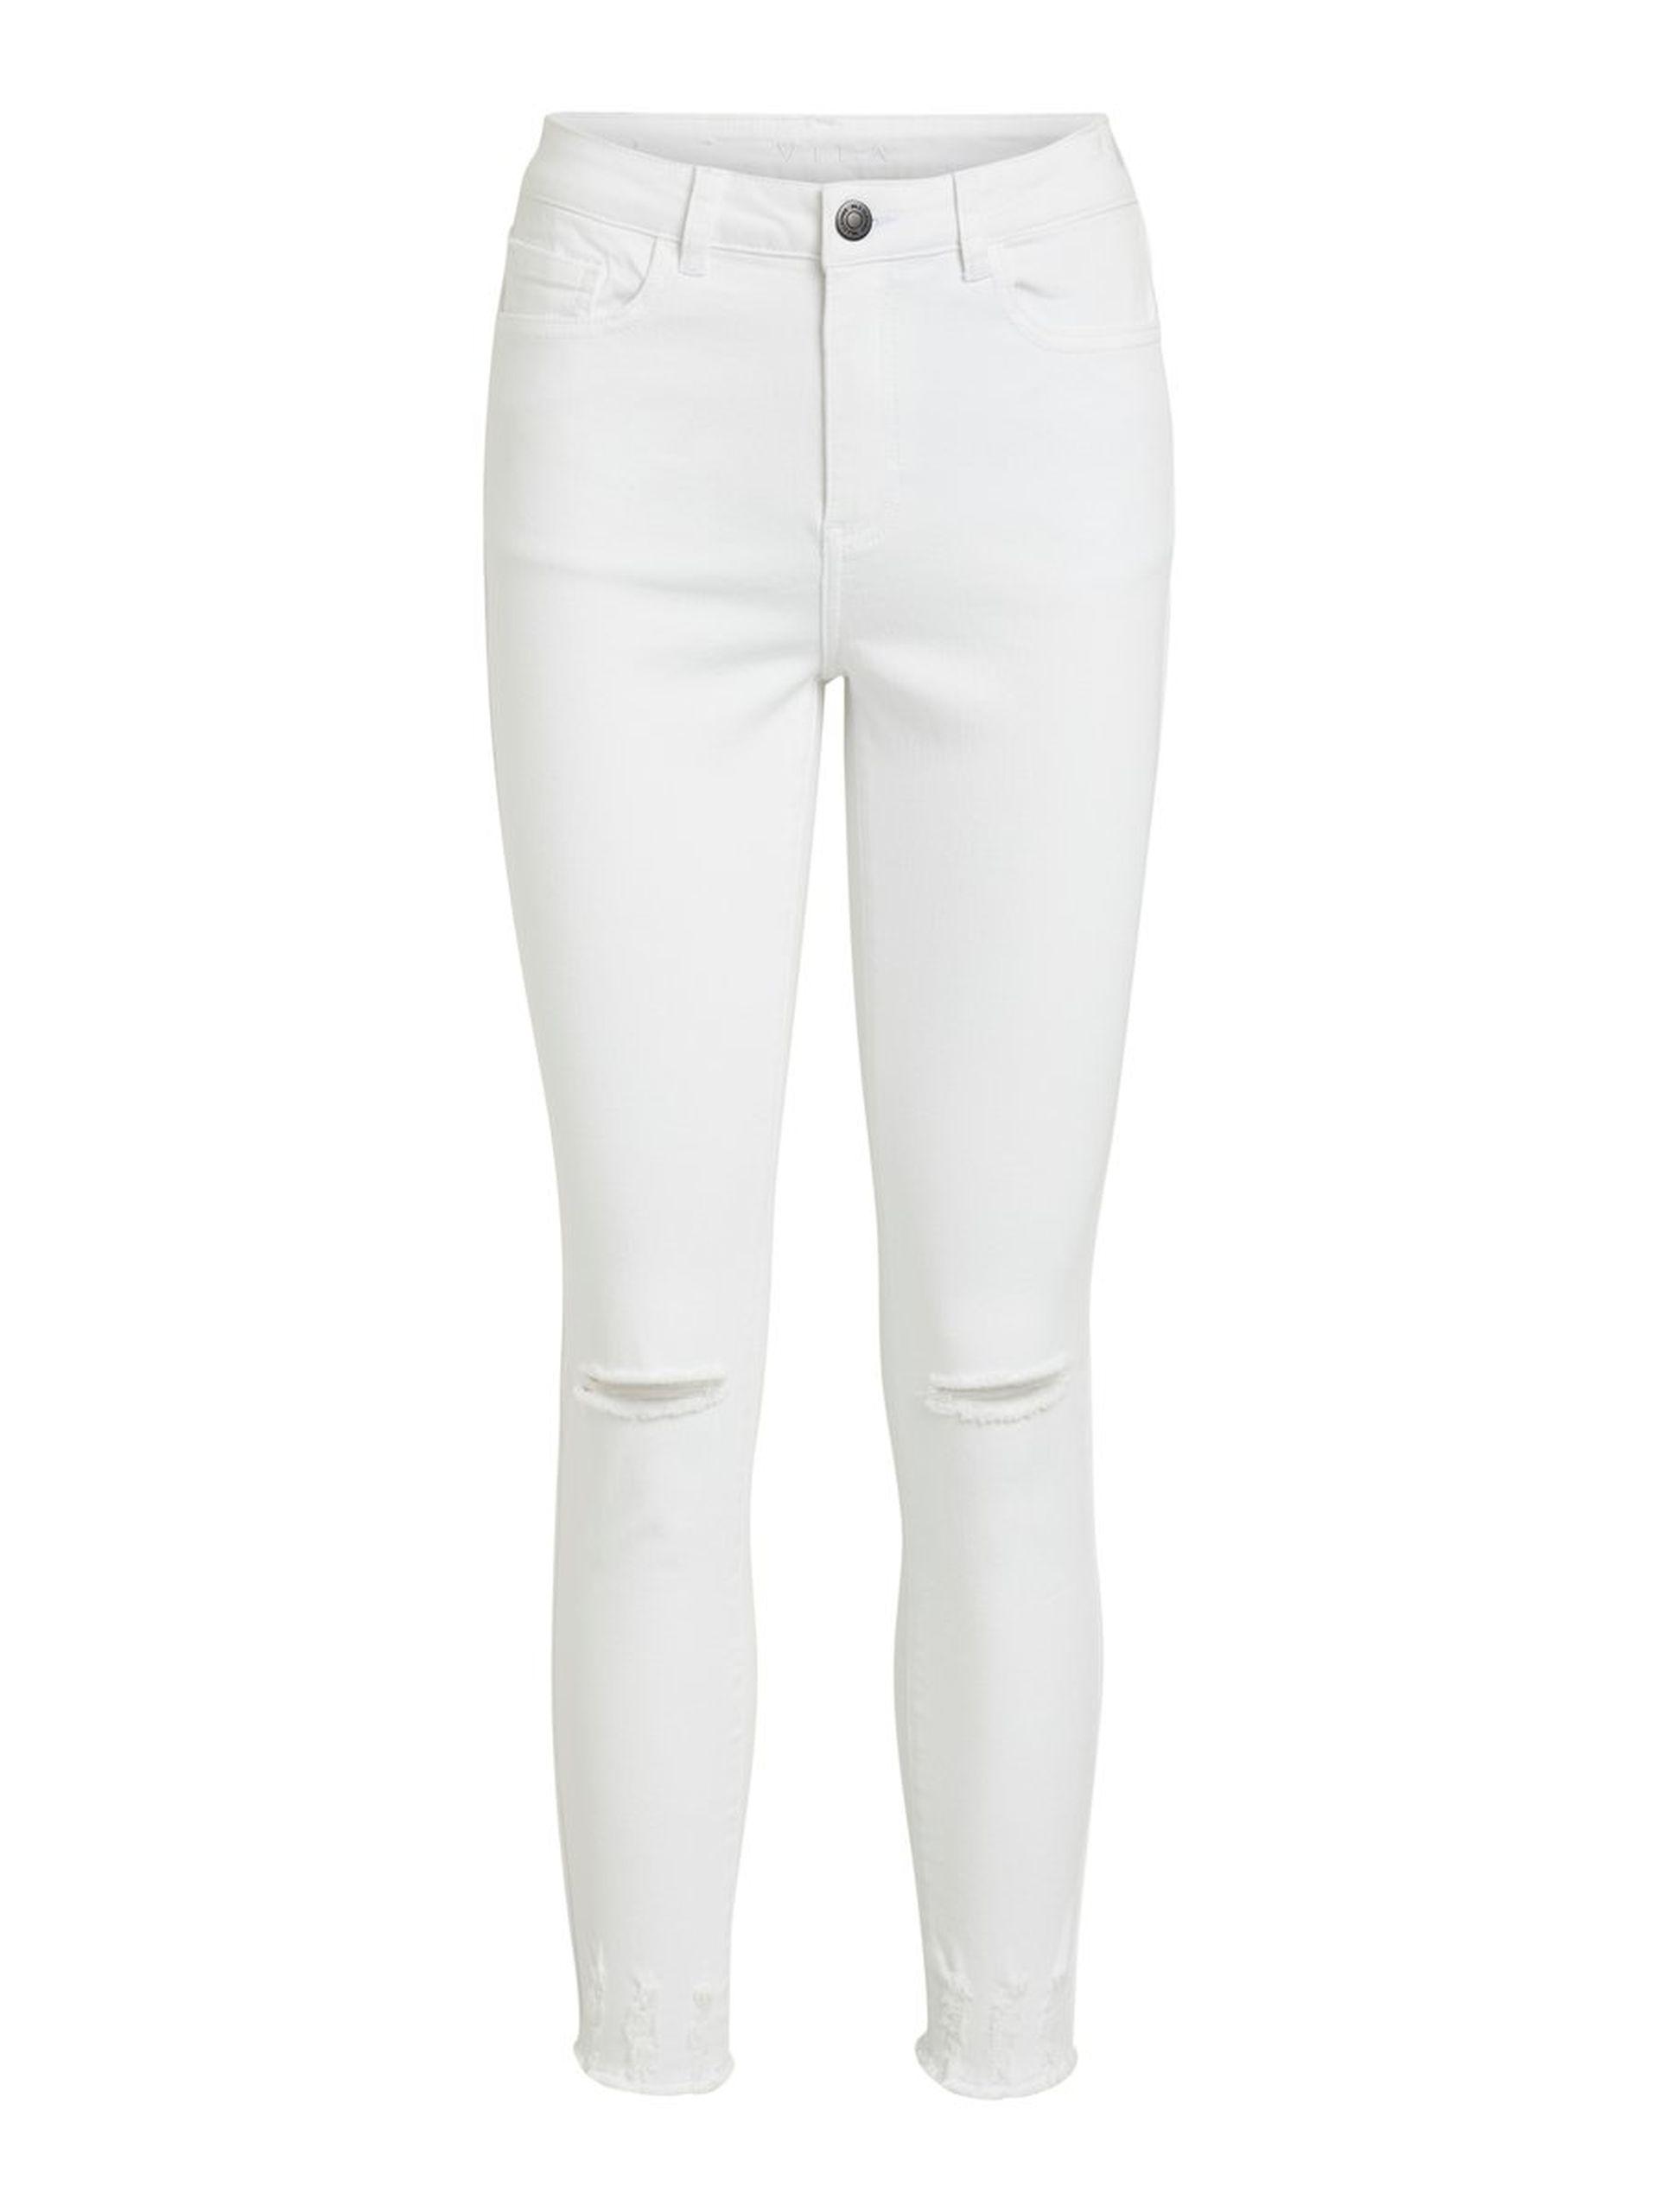 39ce84e8 Vila hvit bukse hvit jeans med hull. Hvit bukse fra Vila. Hvite jeans.